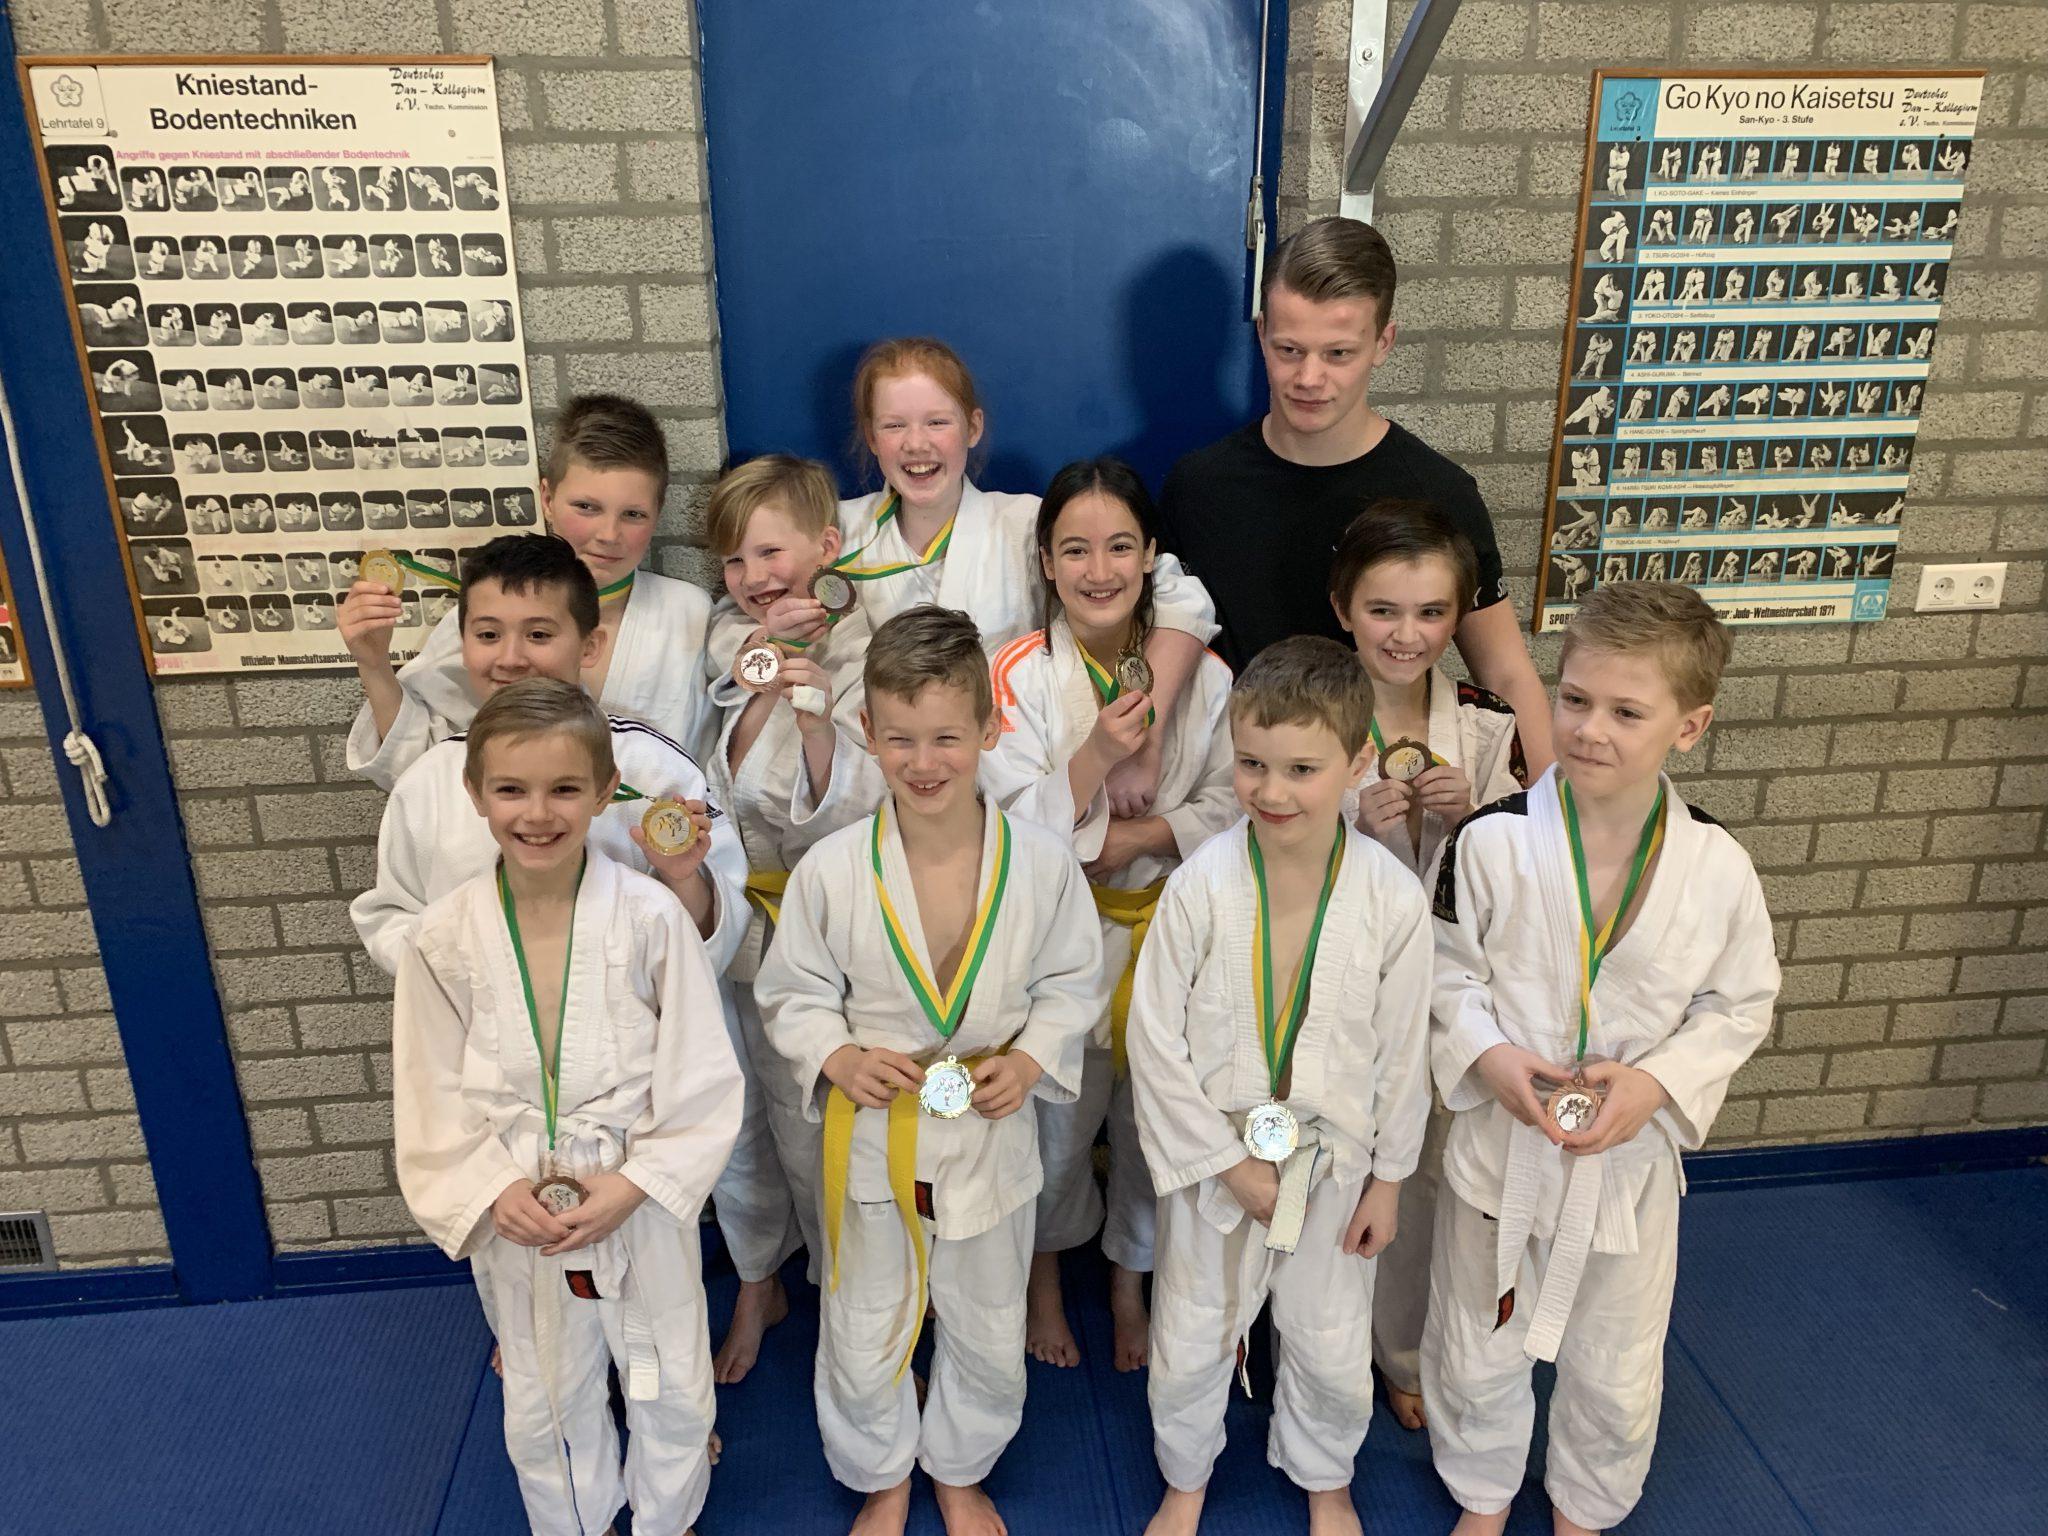 Tien podiumplaatsen voor judoka's Sakaee tijdens regiotoernooi Oude Pekela